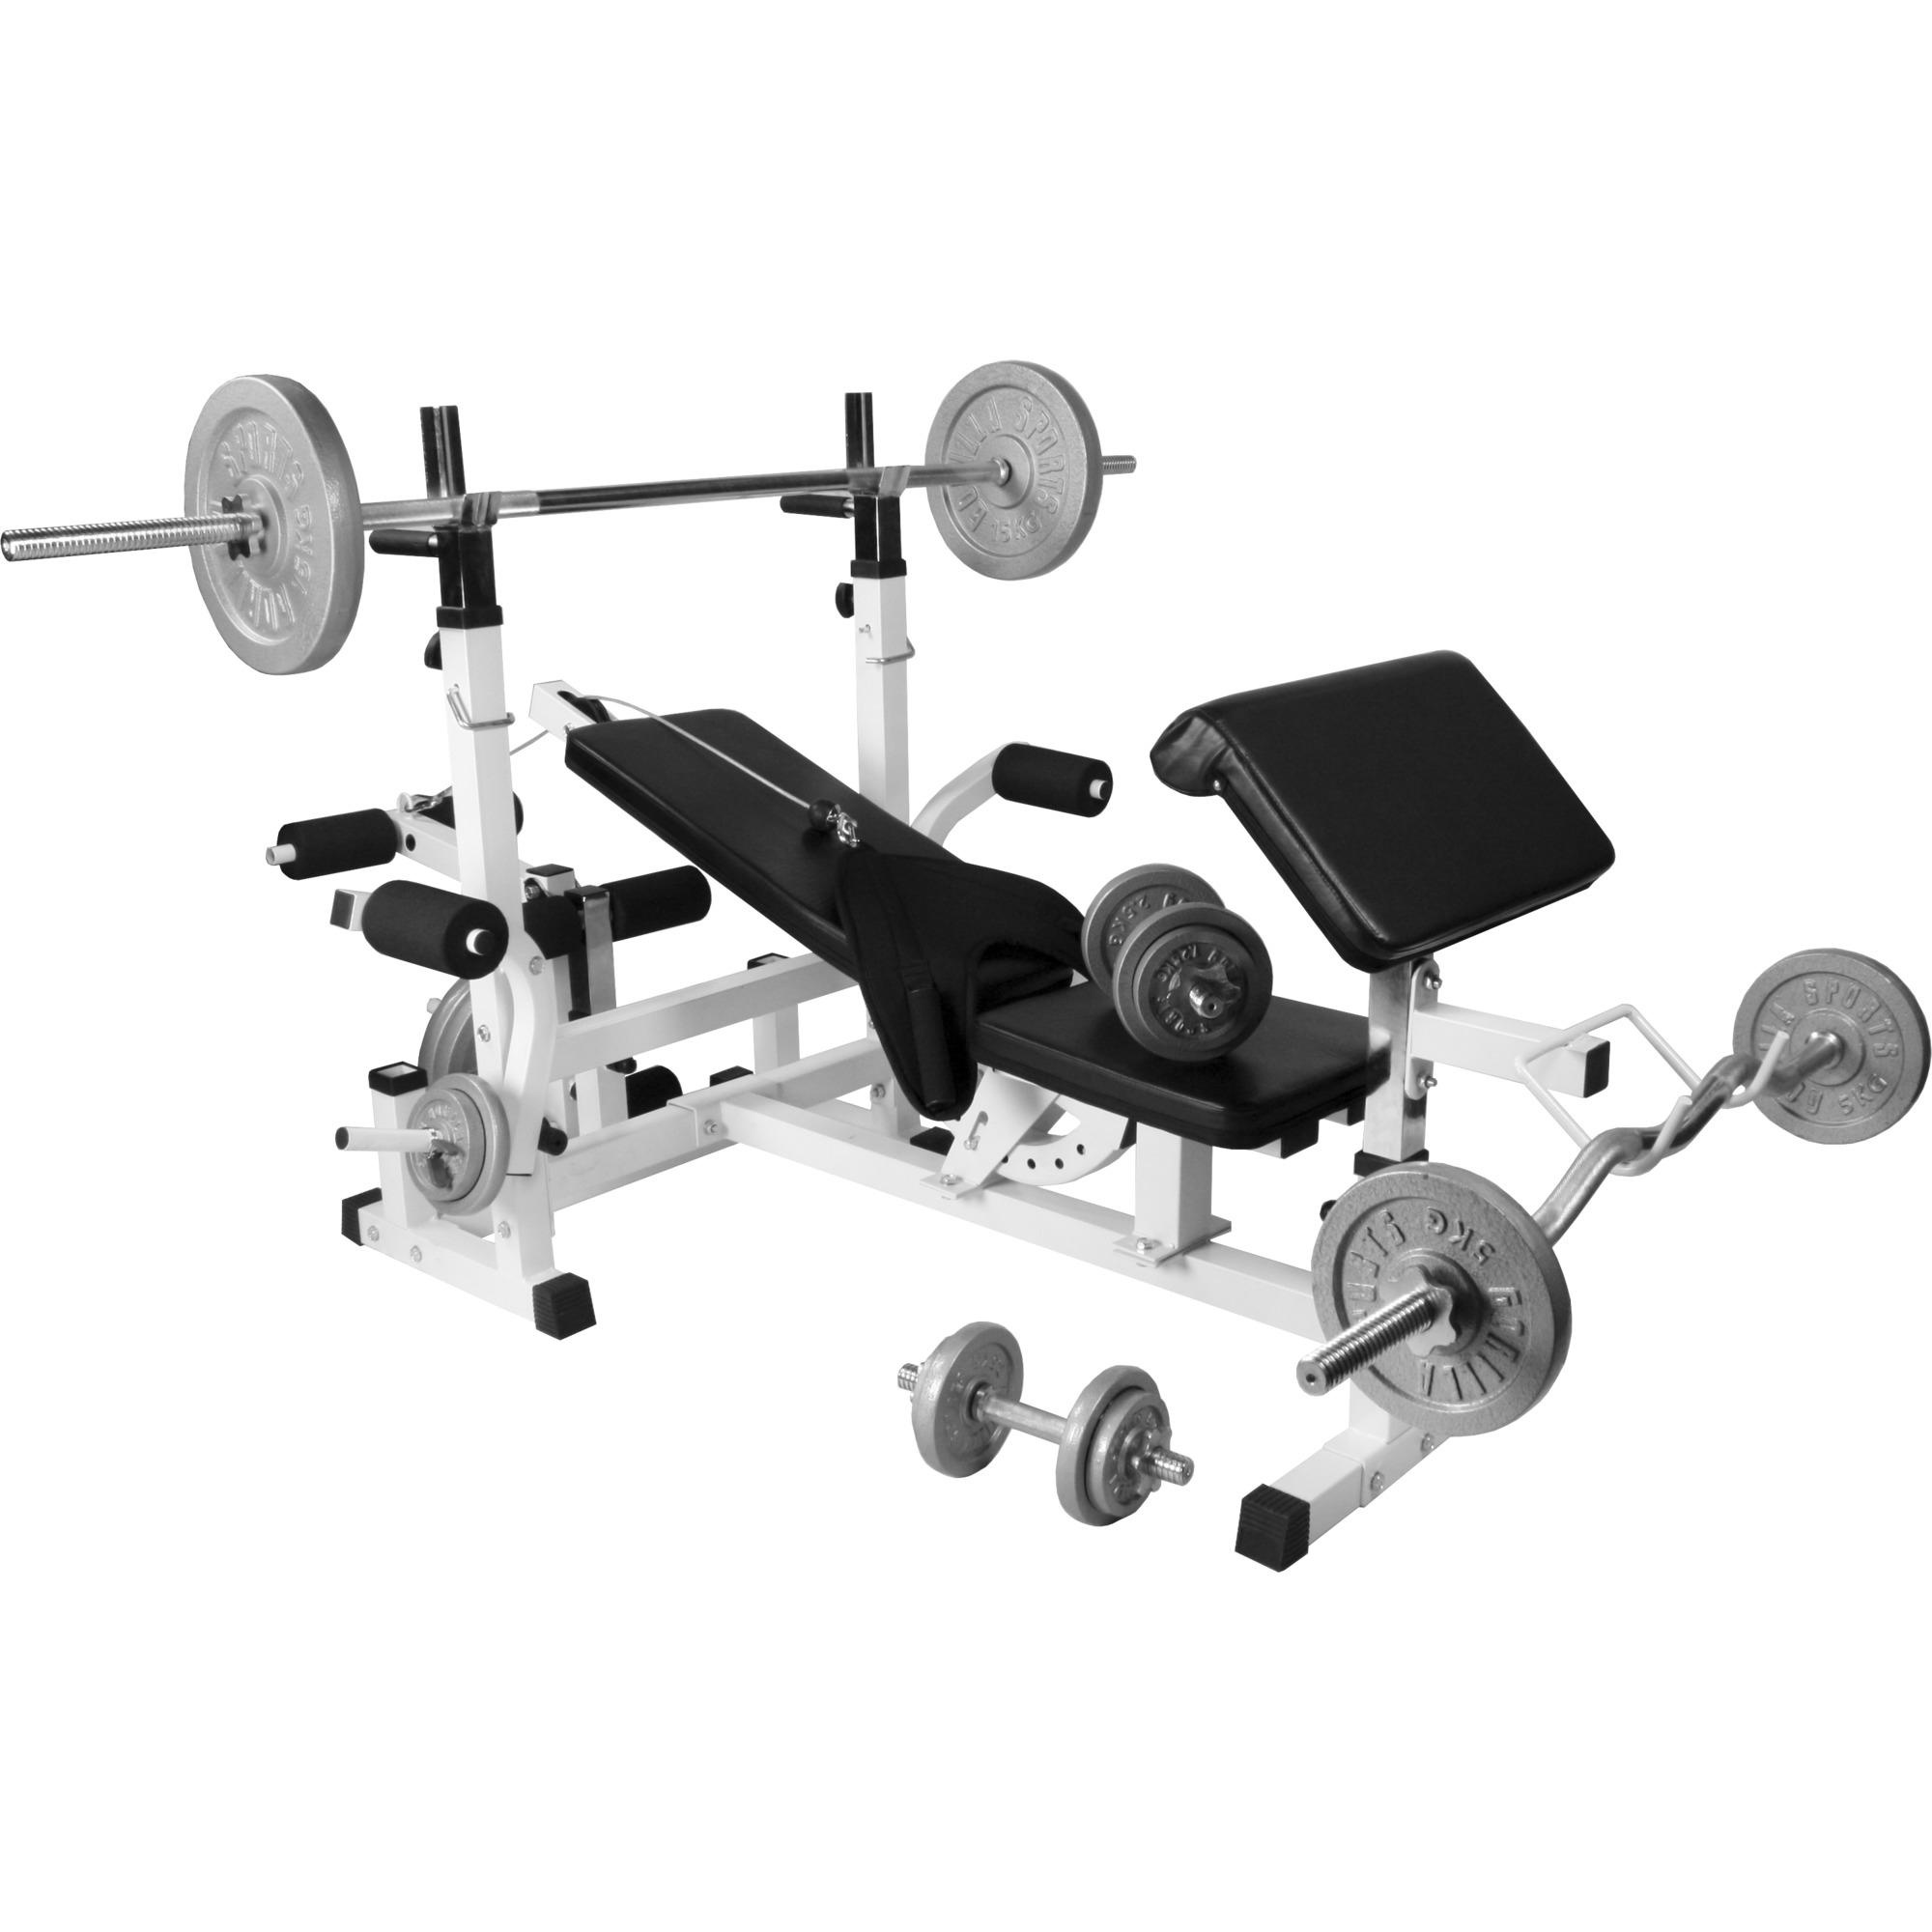 banc de musculation universel gs005 + set halteres 100 kg en plastique